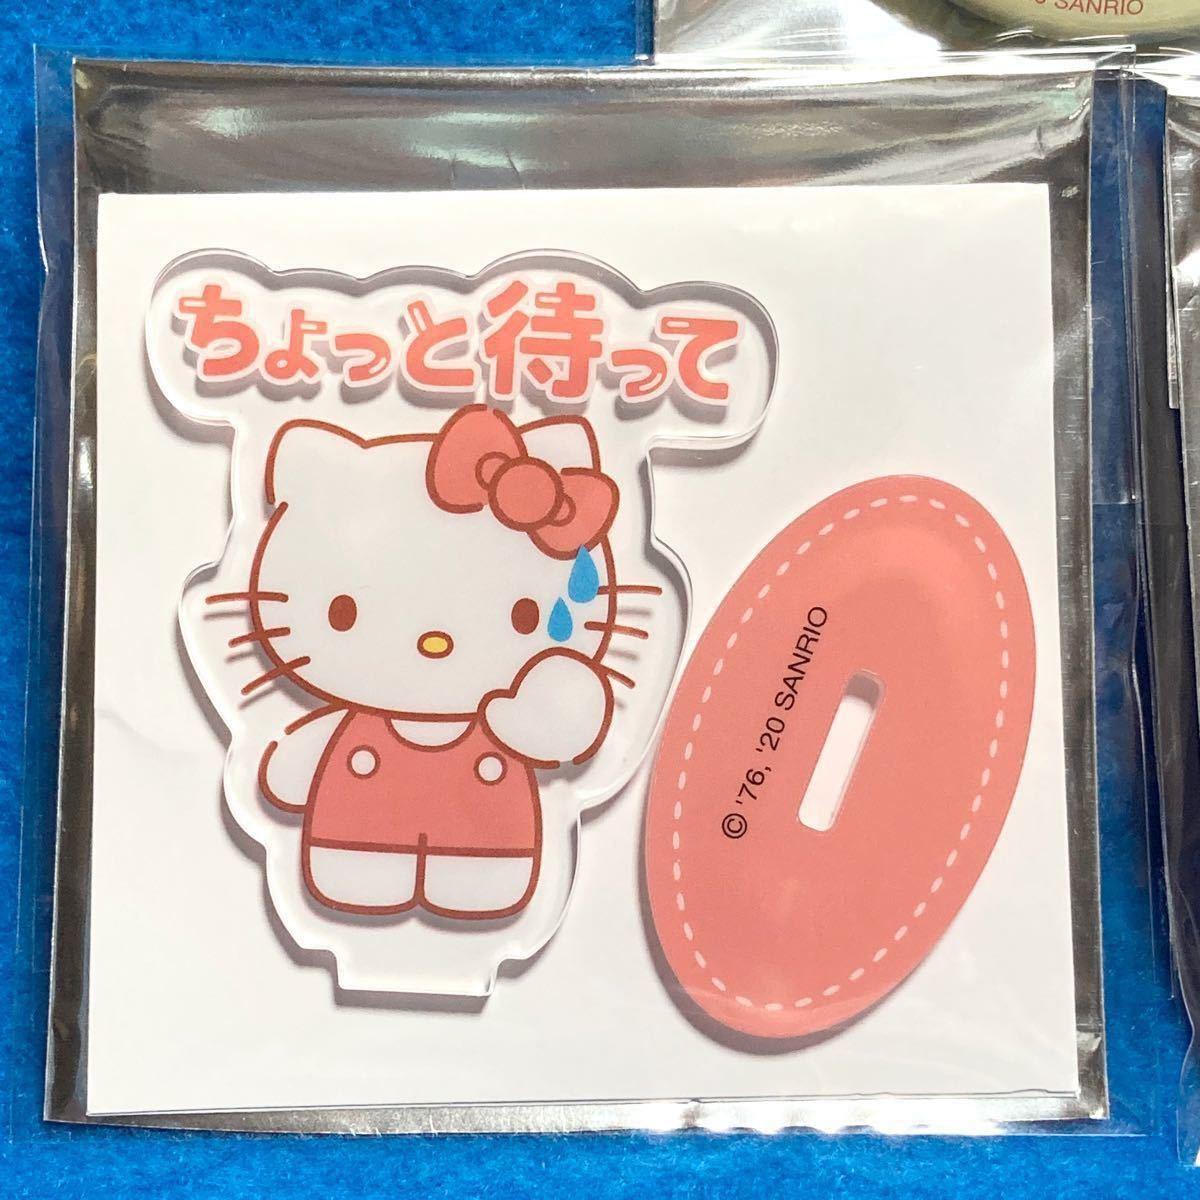 ハローキティ「 推しにときめく♪サンリオキャラクターズ 缶バッジ 1つ & アクリルスタンド 2種」キティちゃん キティ サンリオ